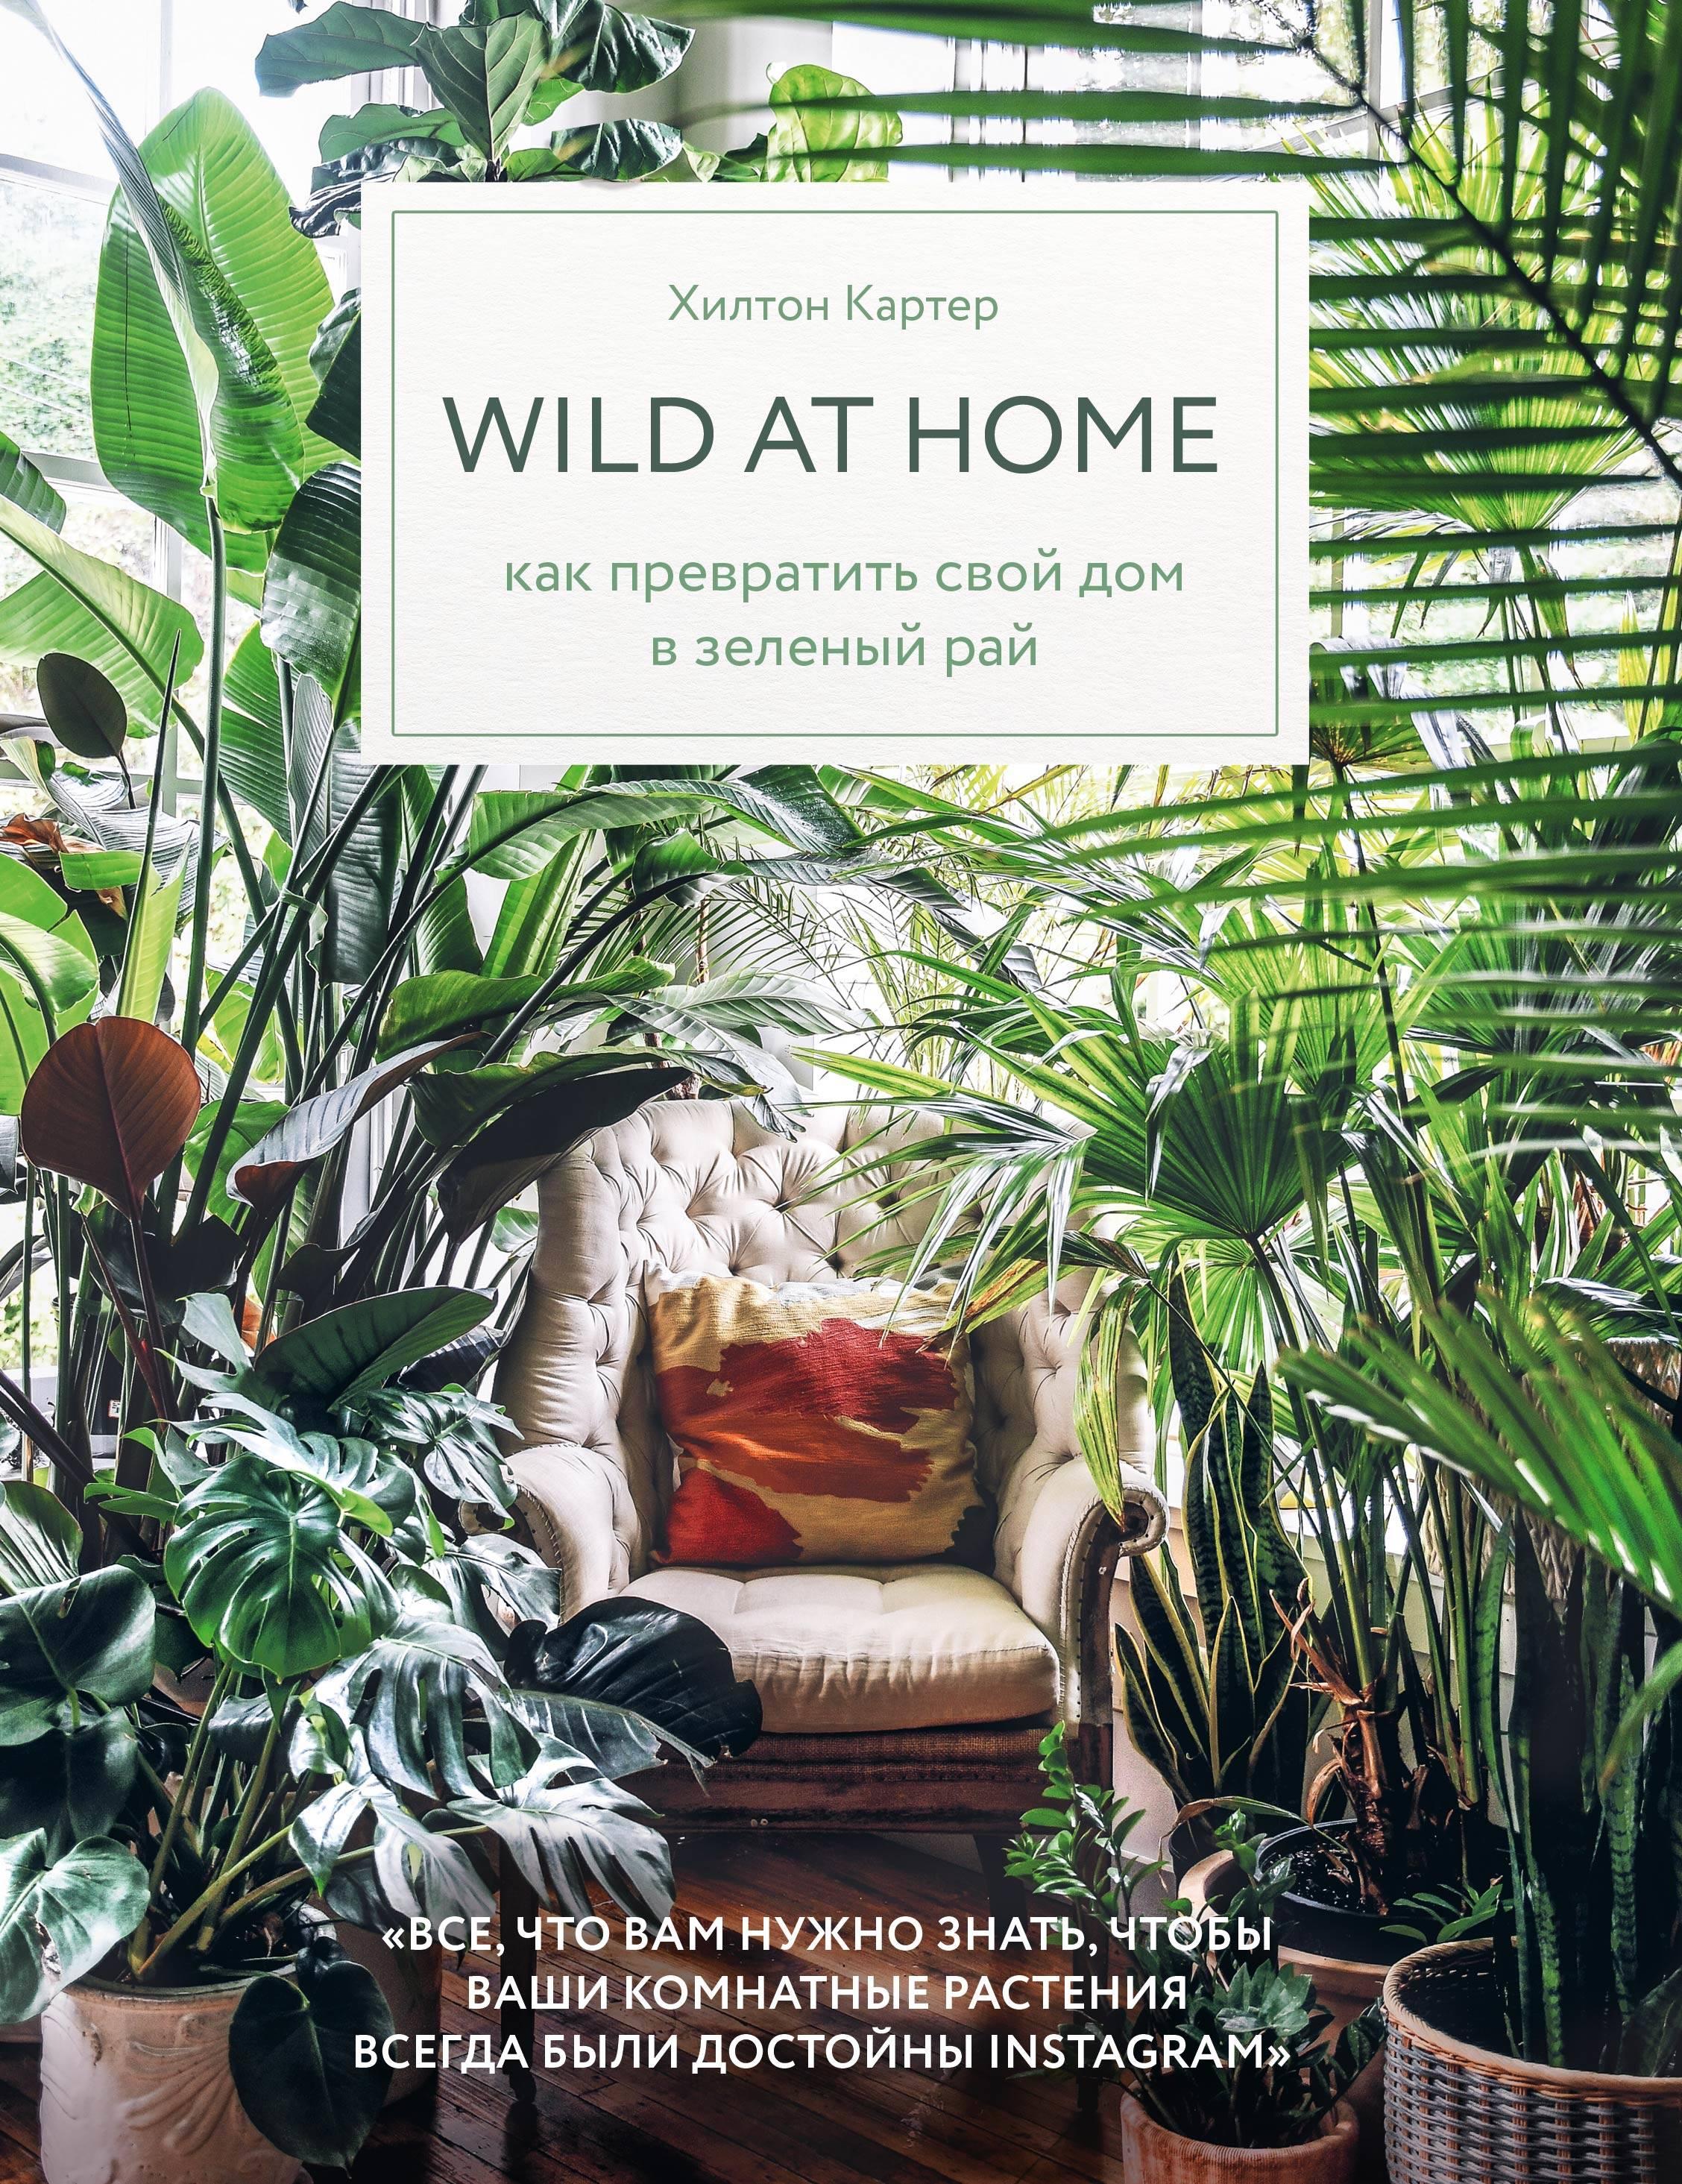 Wild at home. Kak prevratit svoj dom v zelenyj raj